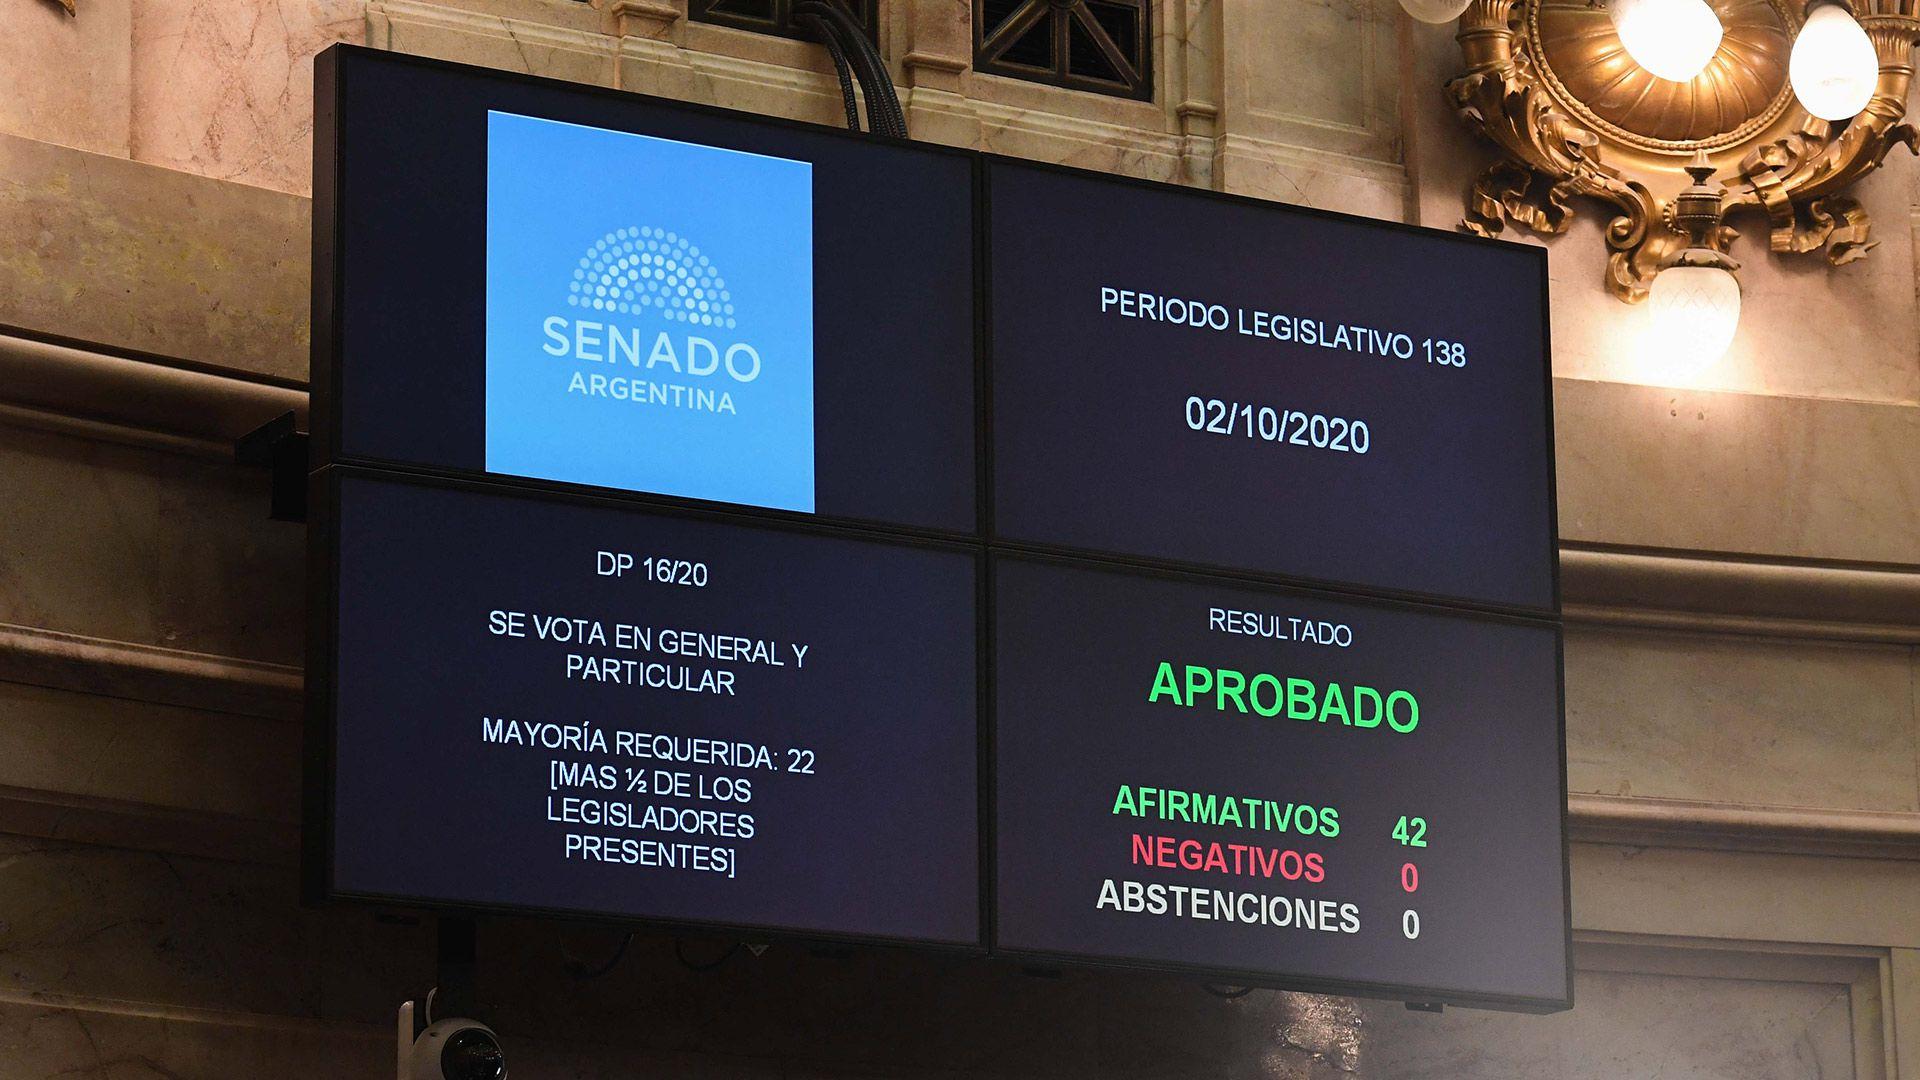 senado-proyecto-de-ley-de-reduccion-de-la-coparticipacion-de-la-ciudad-de-Buenos-Aires-